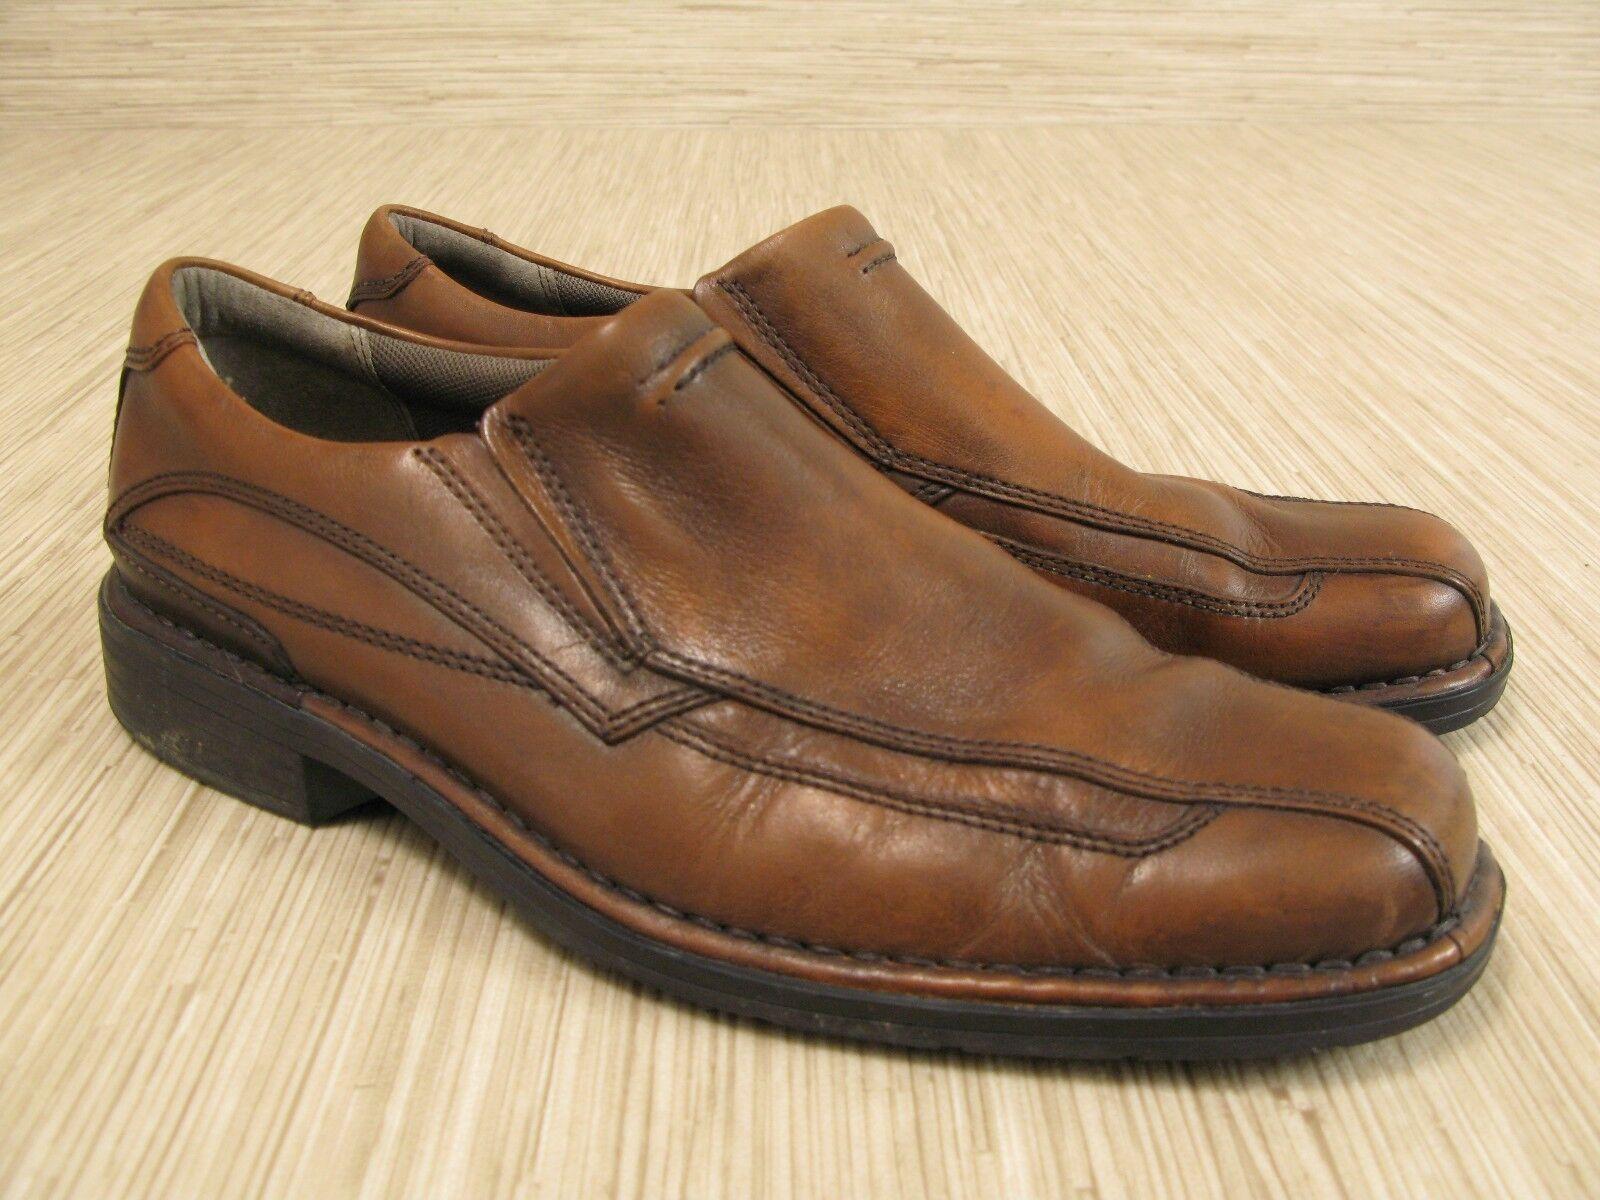 clarks hagen de cuir taille brun taille cuir de mocassins occasionnels de 9  m hommes nous chaussures à enfiler la mule 4813bb c41200dd413c